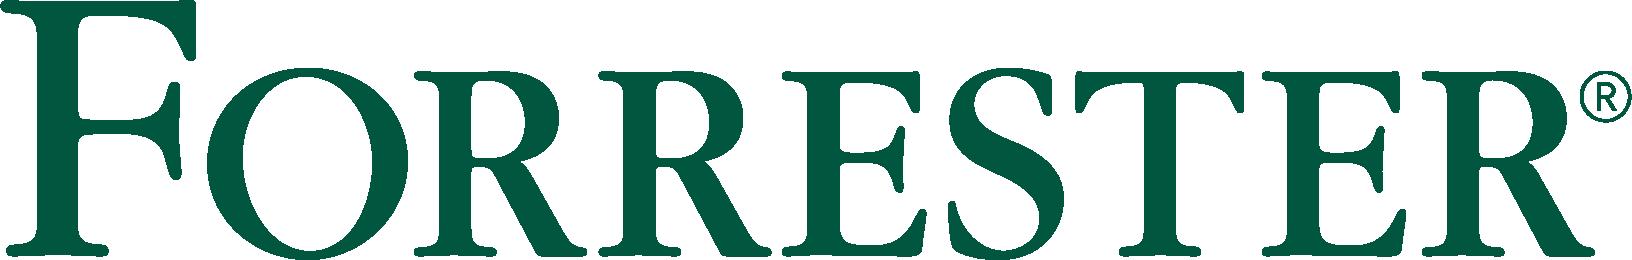 Forrester Green Logo PNG